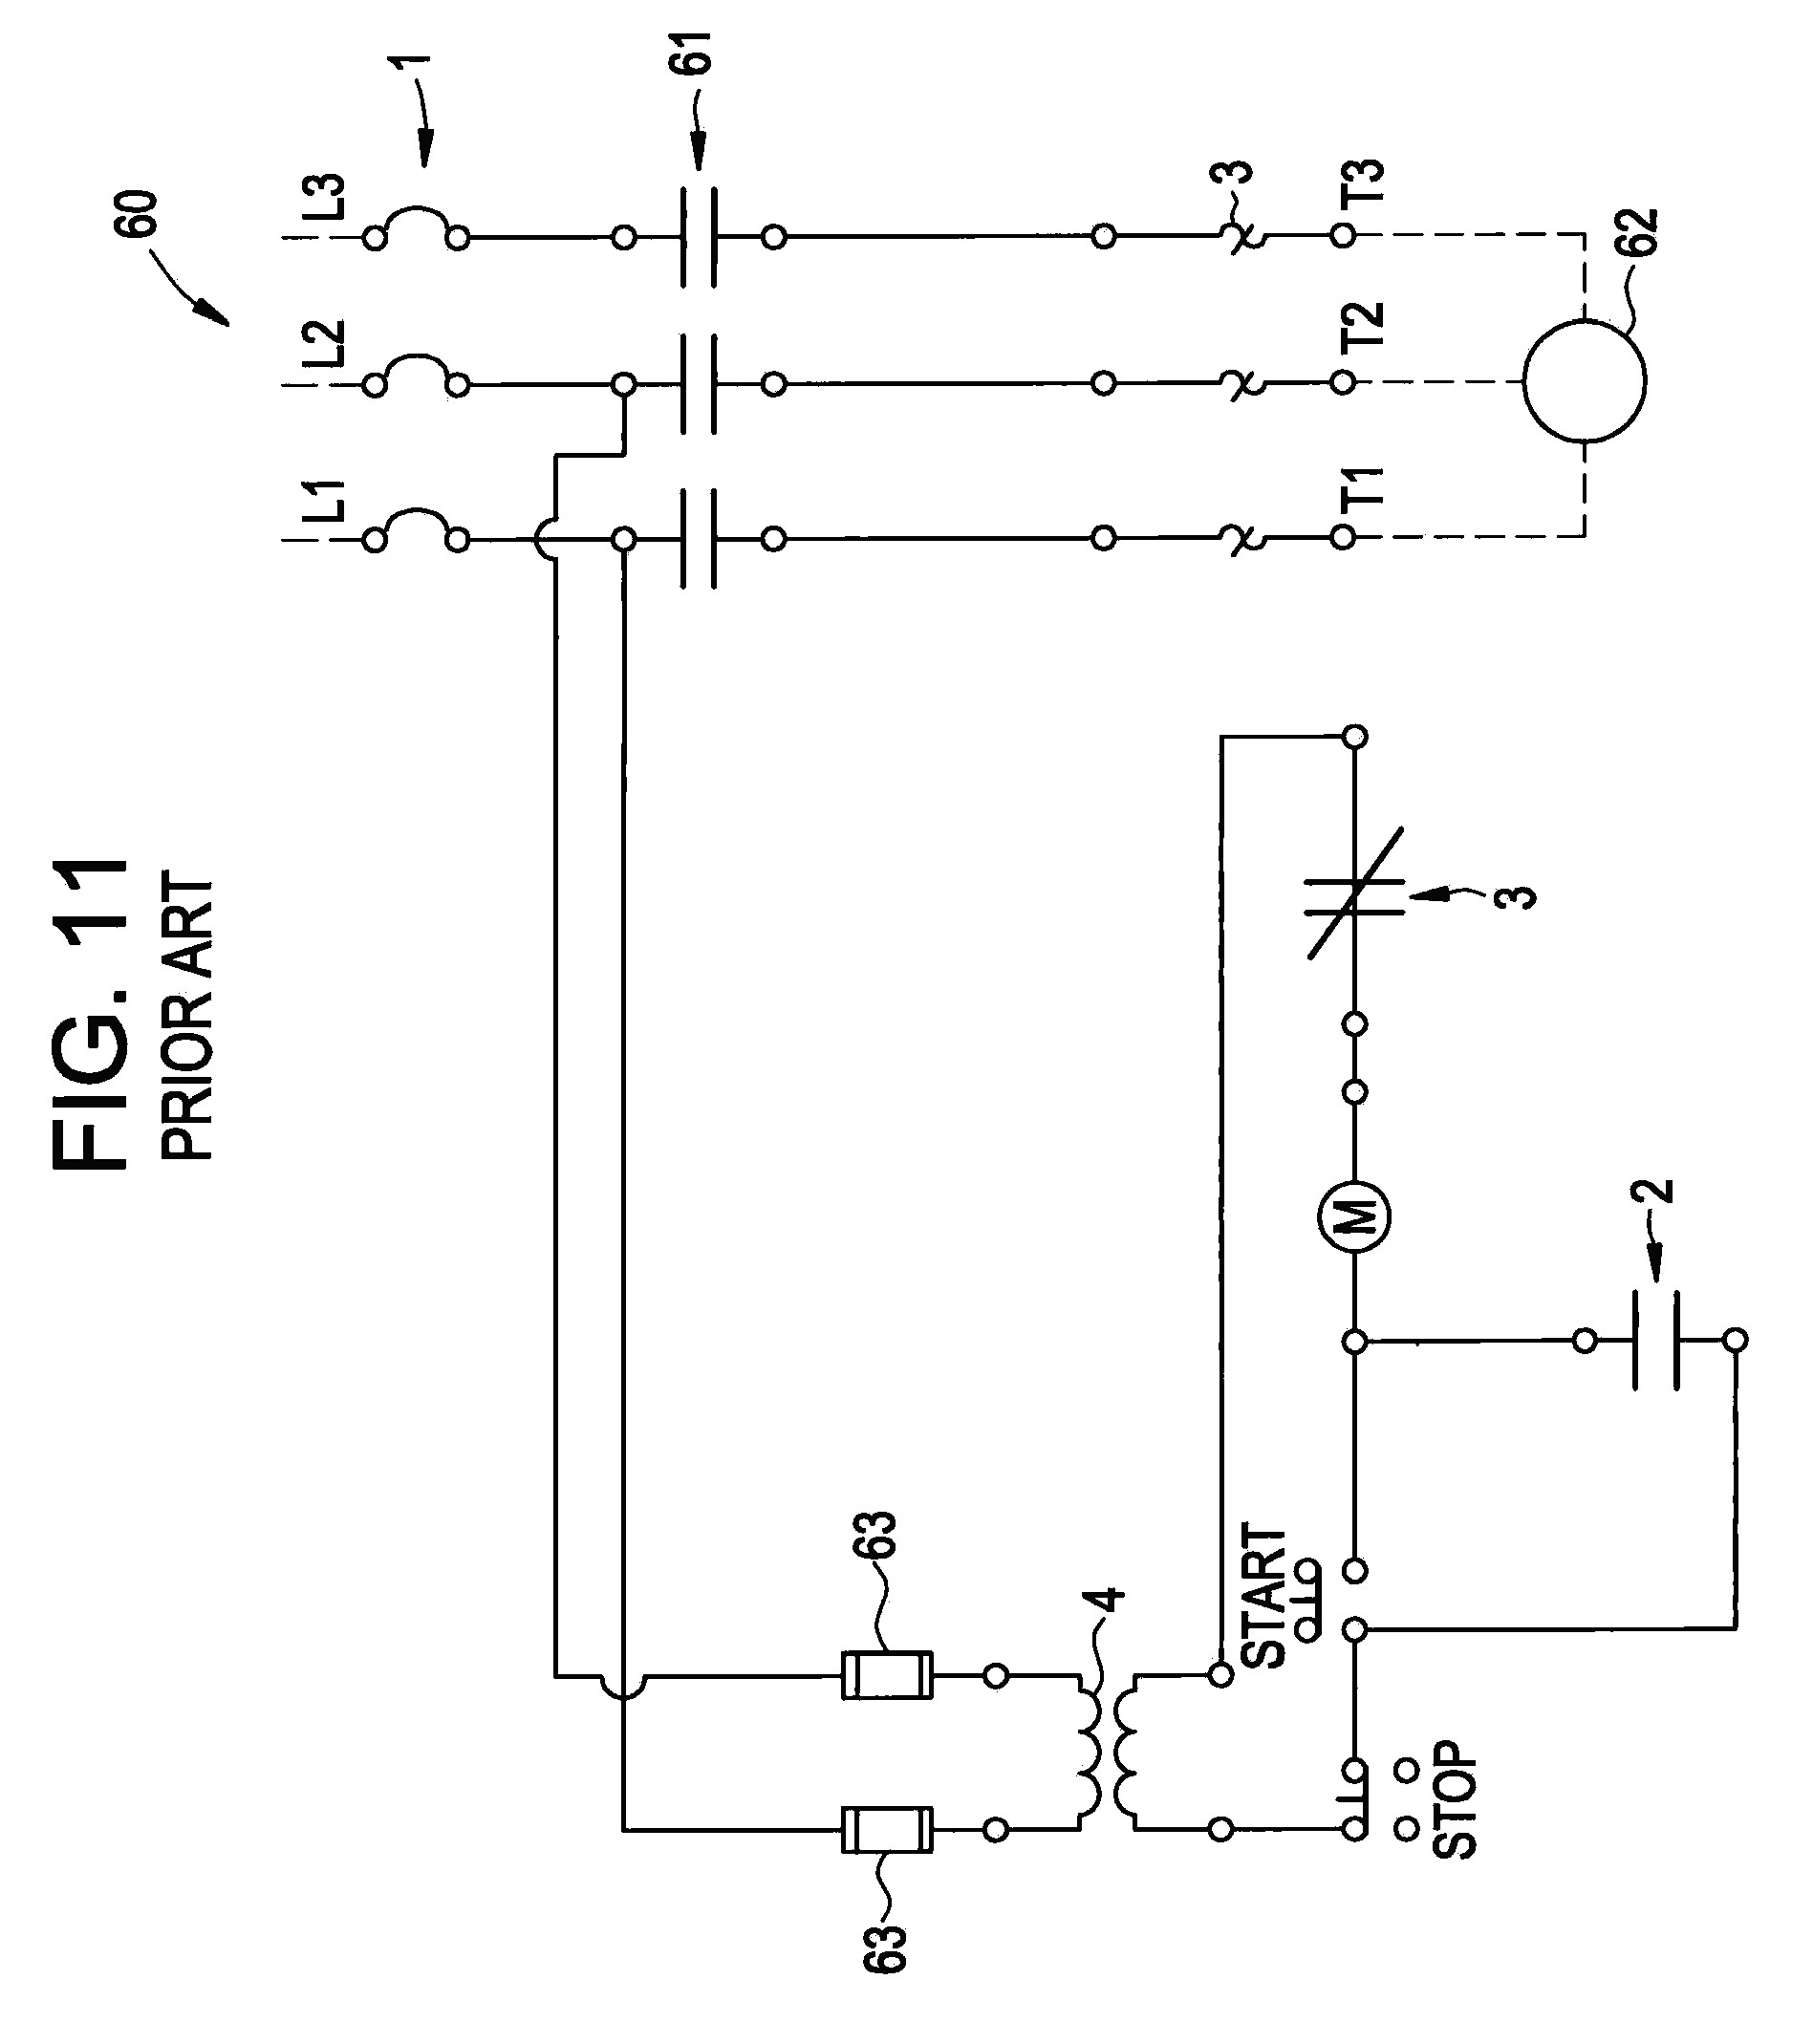 Vfd Motor Wiring Diagram | Free Wiring Diagram on